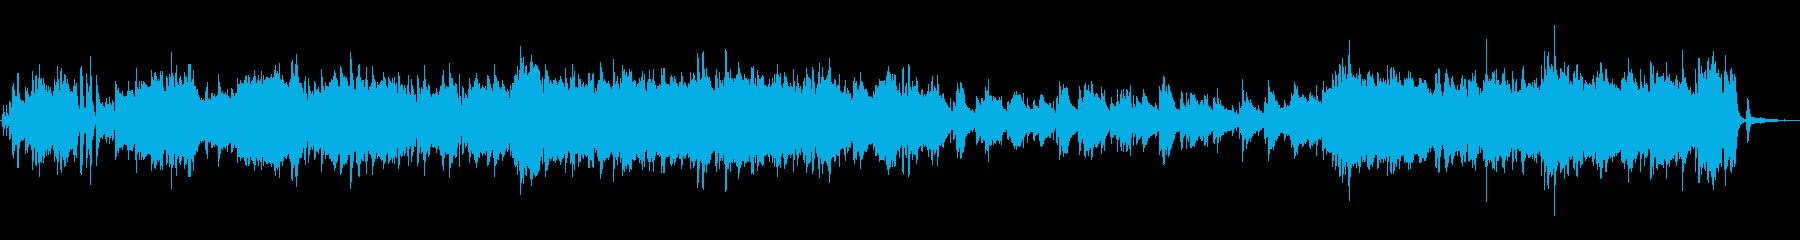 テナーサックスむせび泣きムード歌謡BGMの再生済みの波形